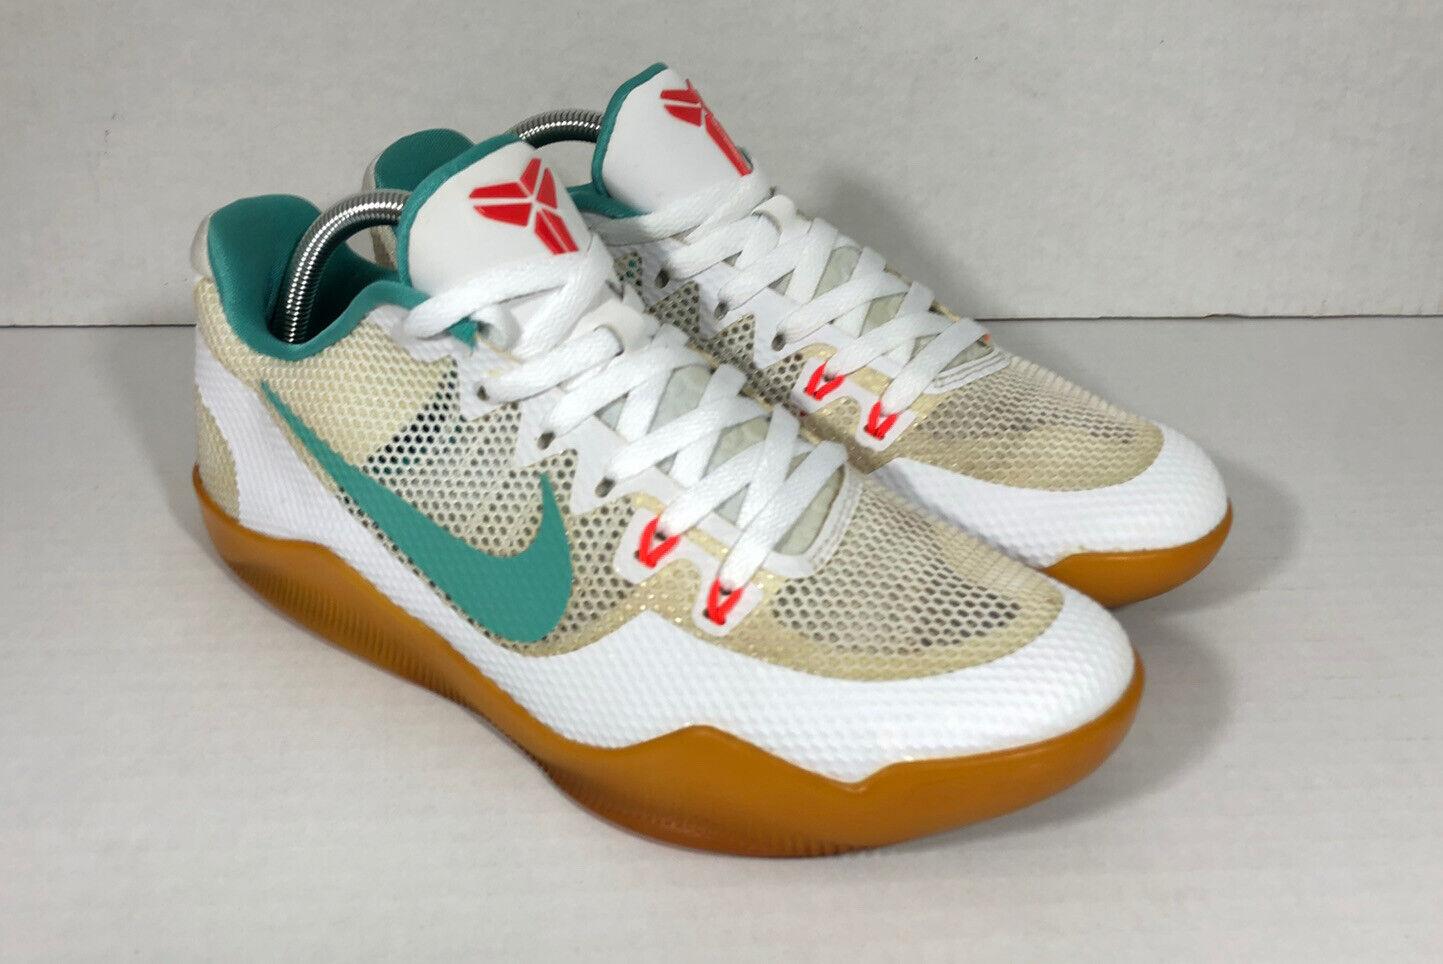 Sz 10 Nike Kobe XI 11 Summer Pack White